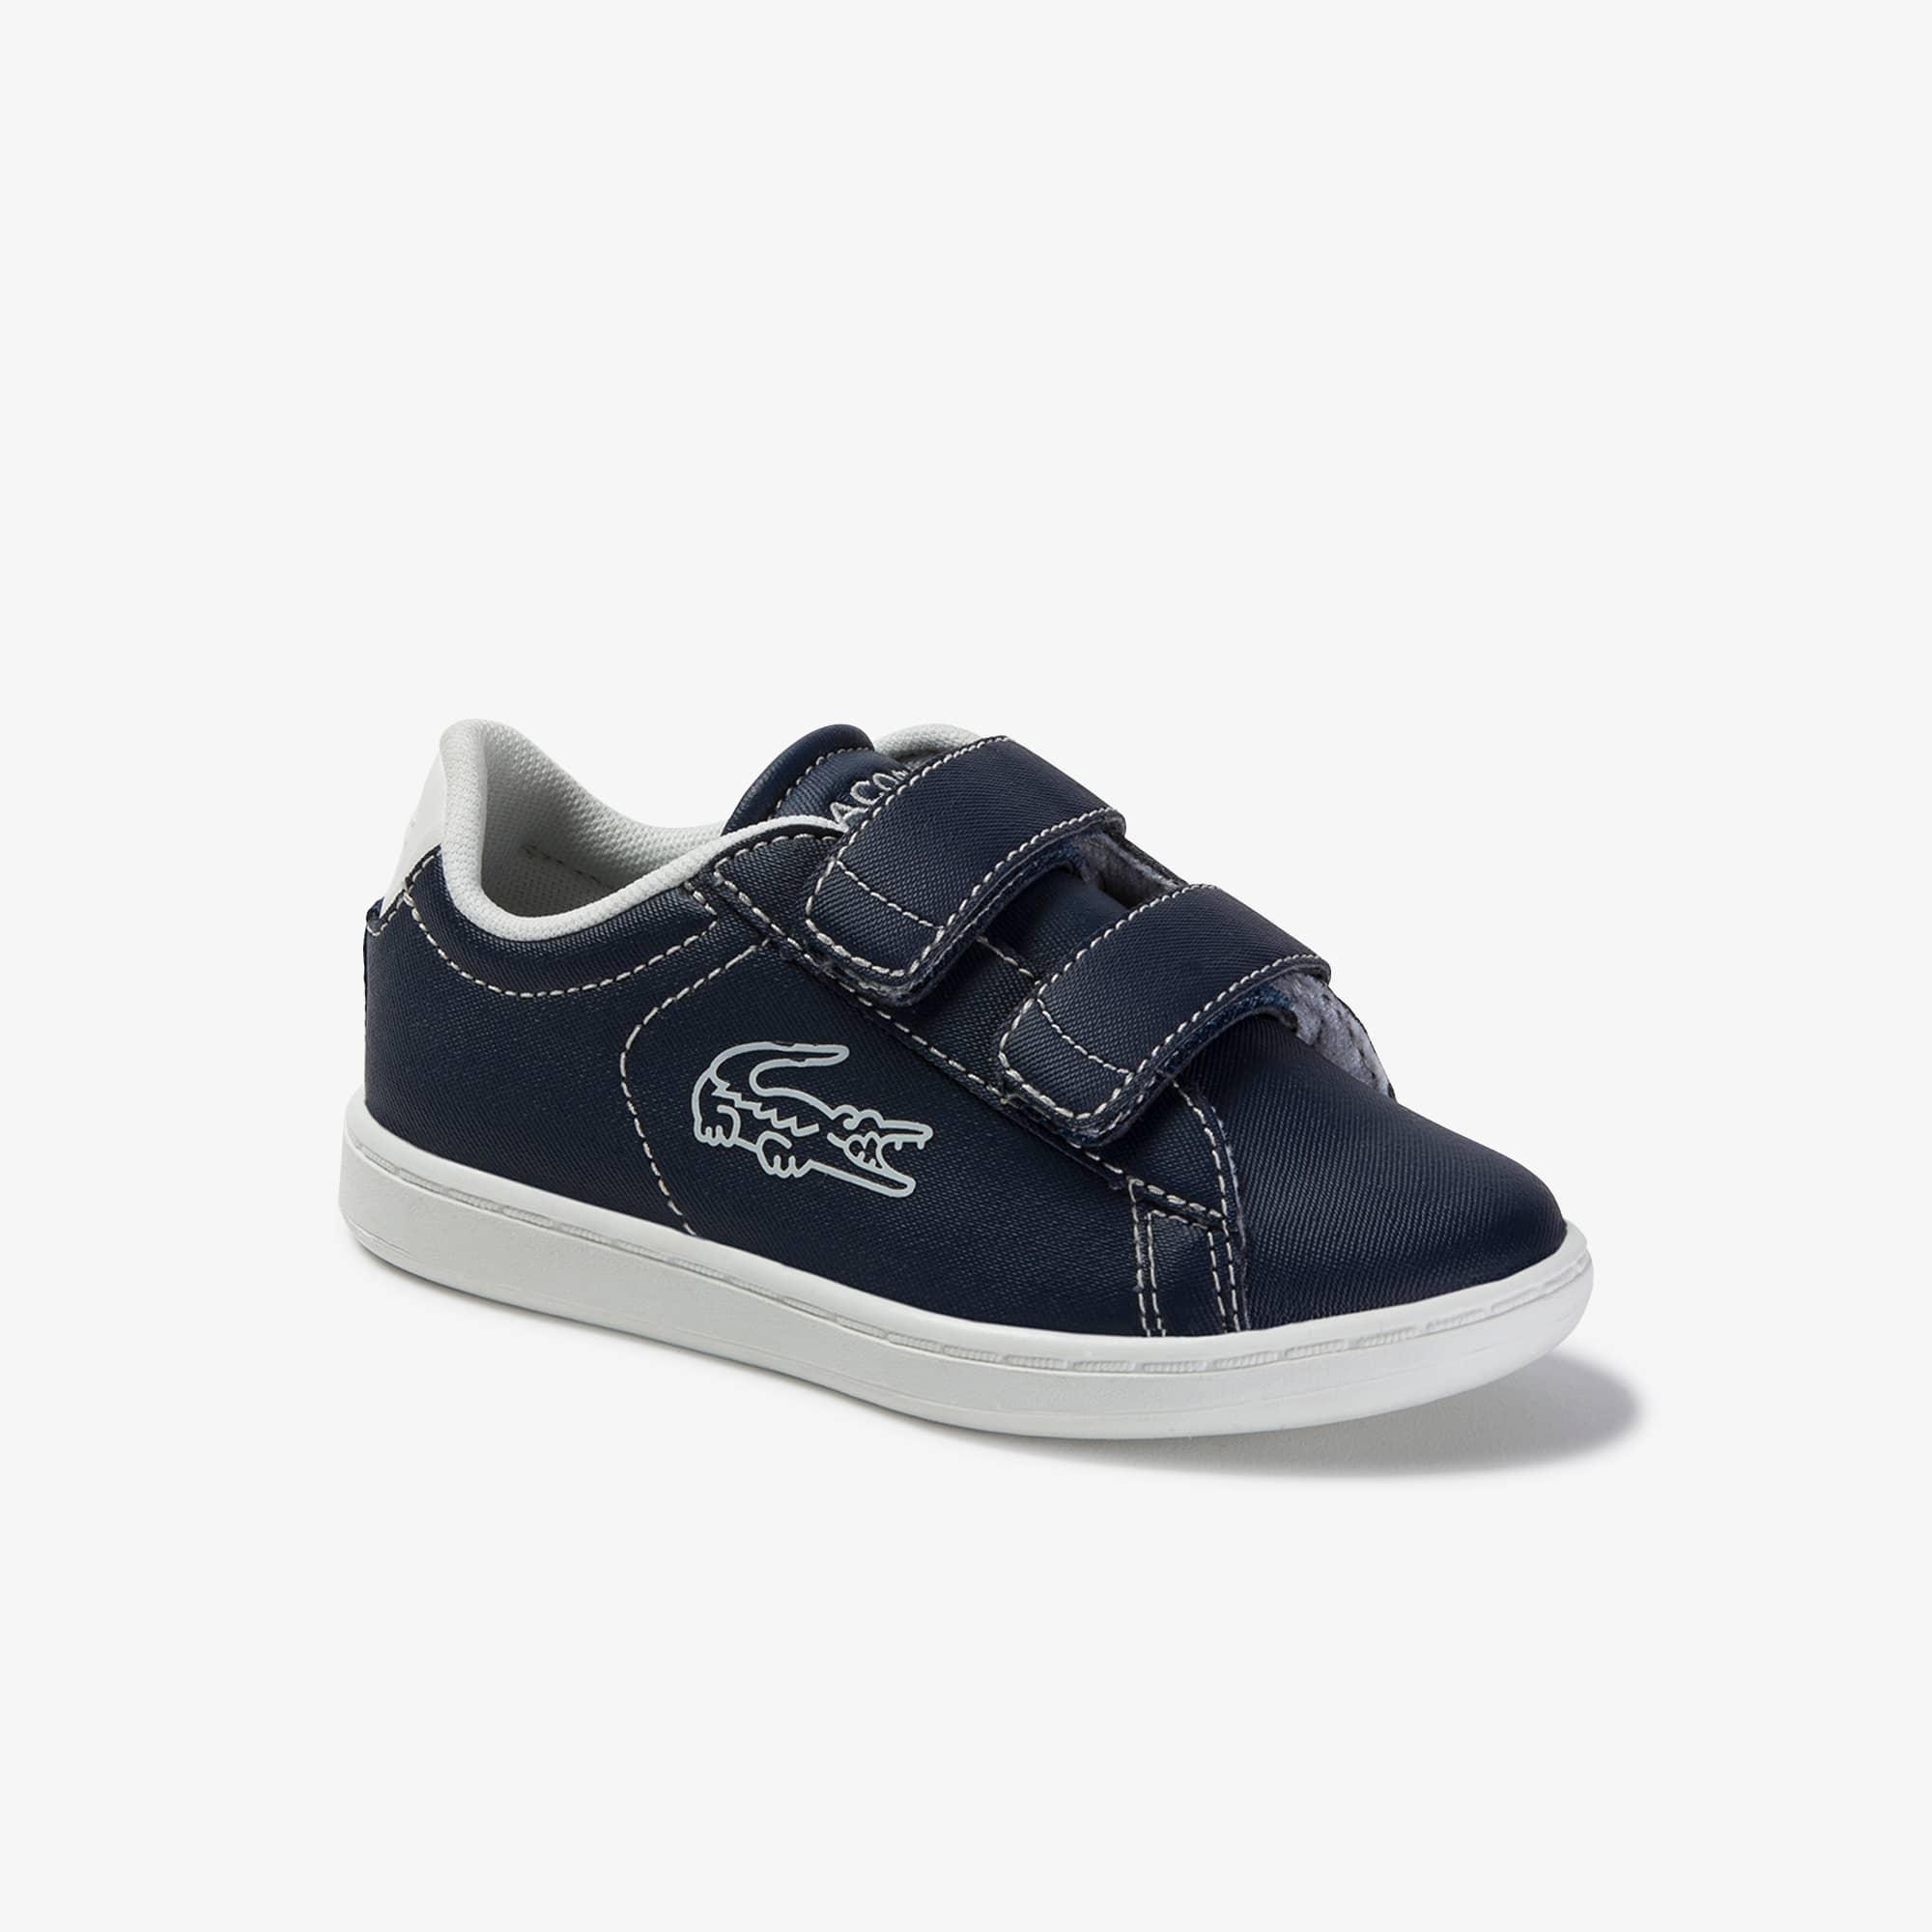 Lacoste Sneakers Carnaby Evo bébé en synthétique à coutures contrastées Taille 20 Marine/beige